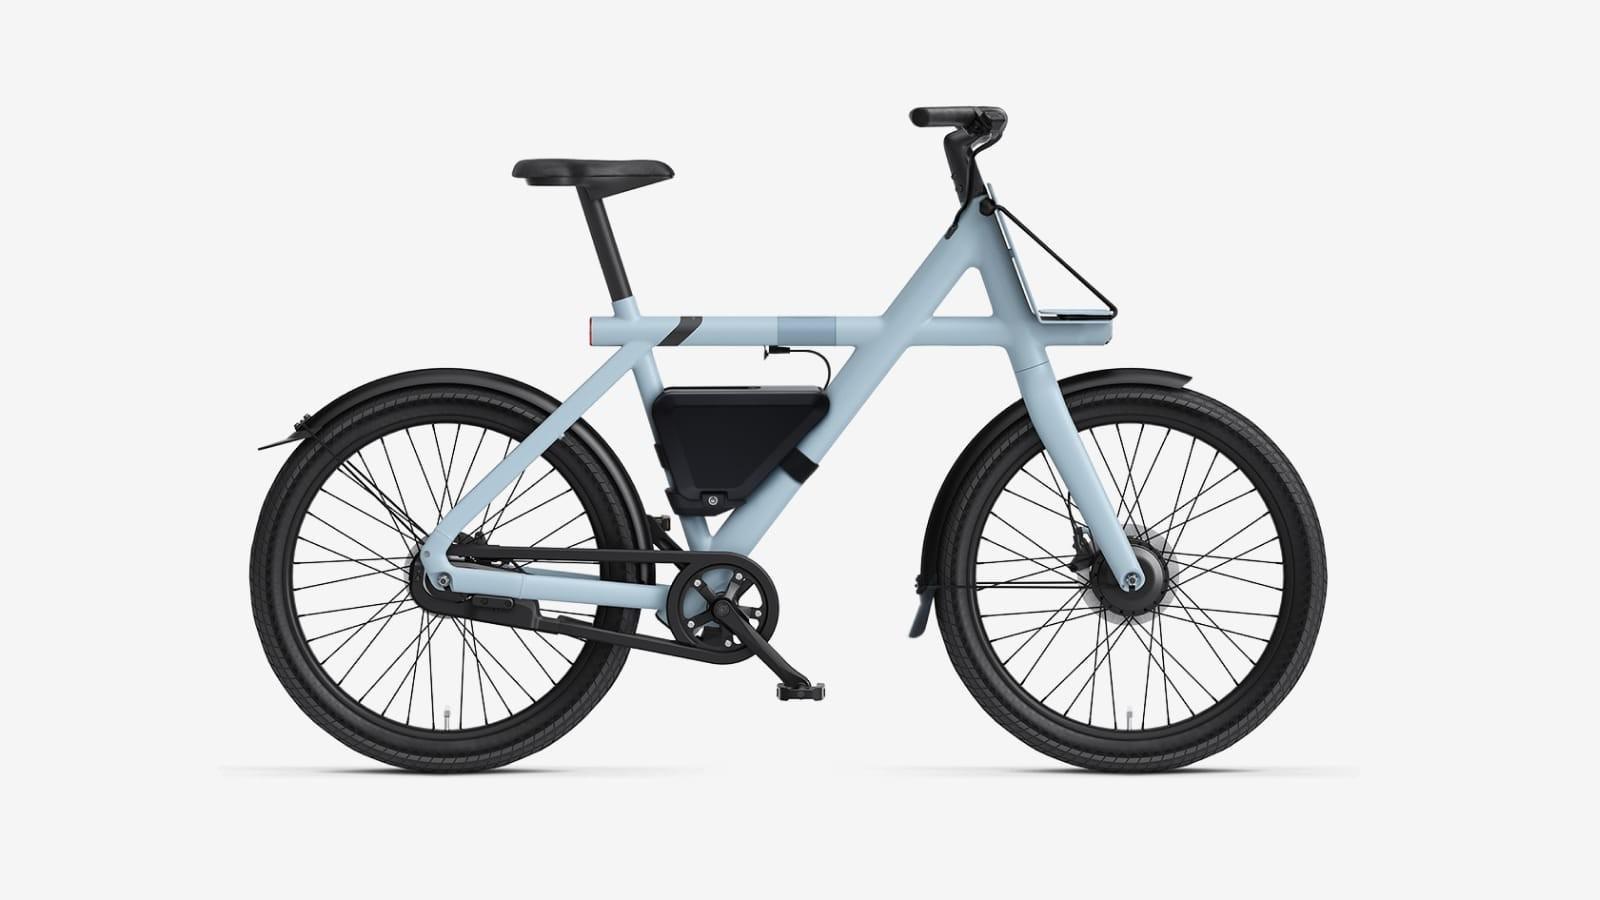 vanmoof-e-bike-pokerbank/